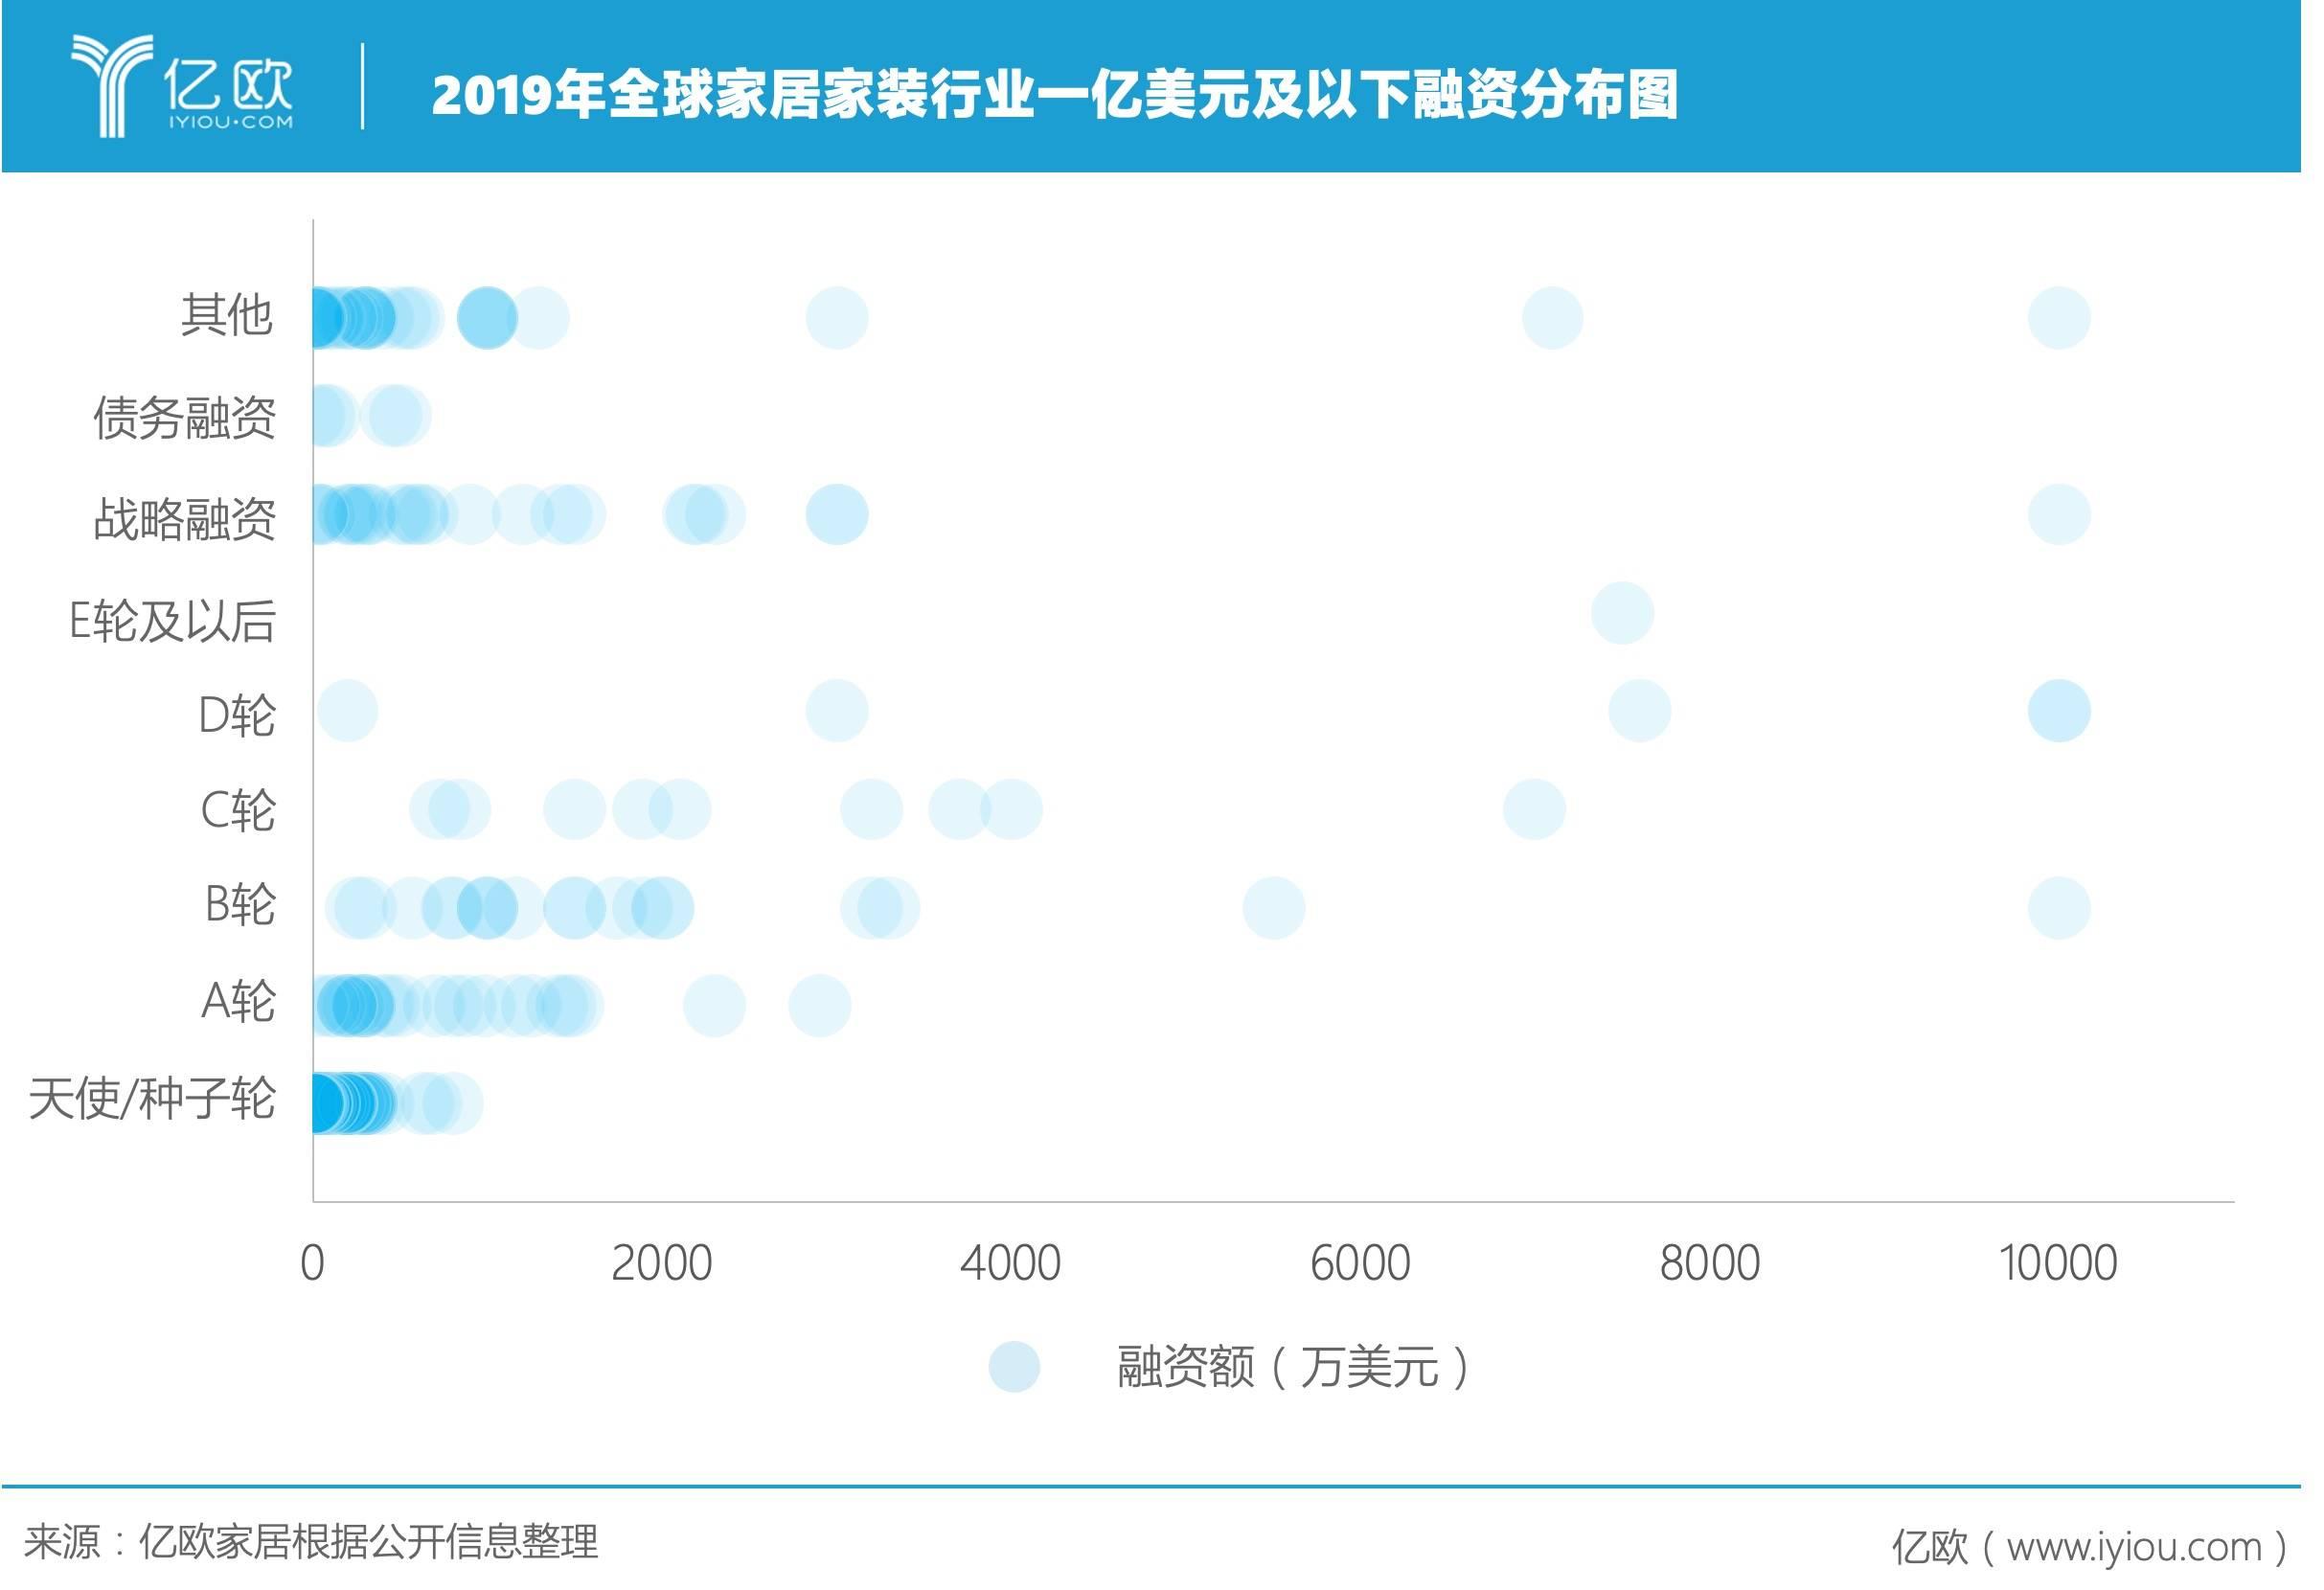 2018-2019年全球家居家装行业一亿美元及以下融资分布图